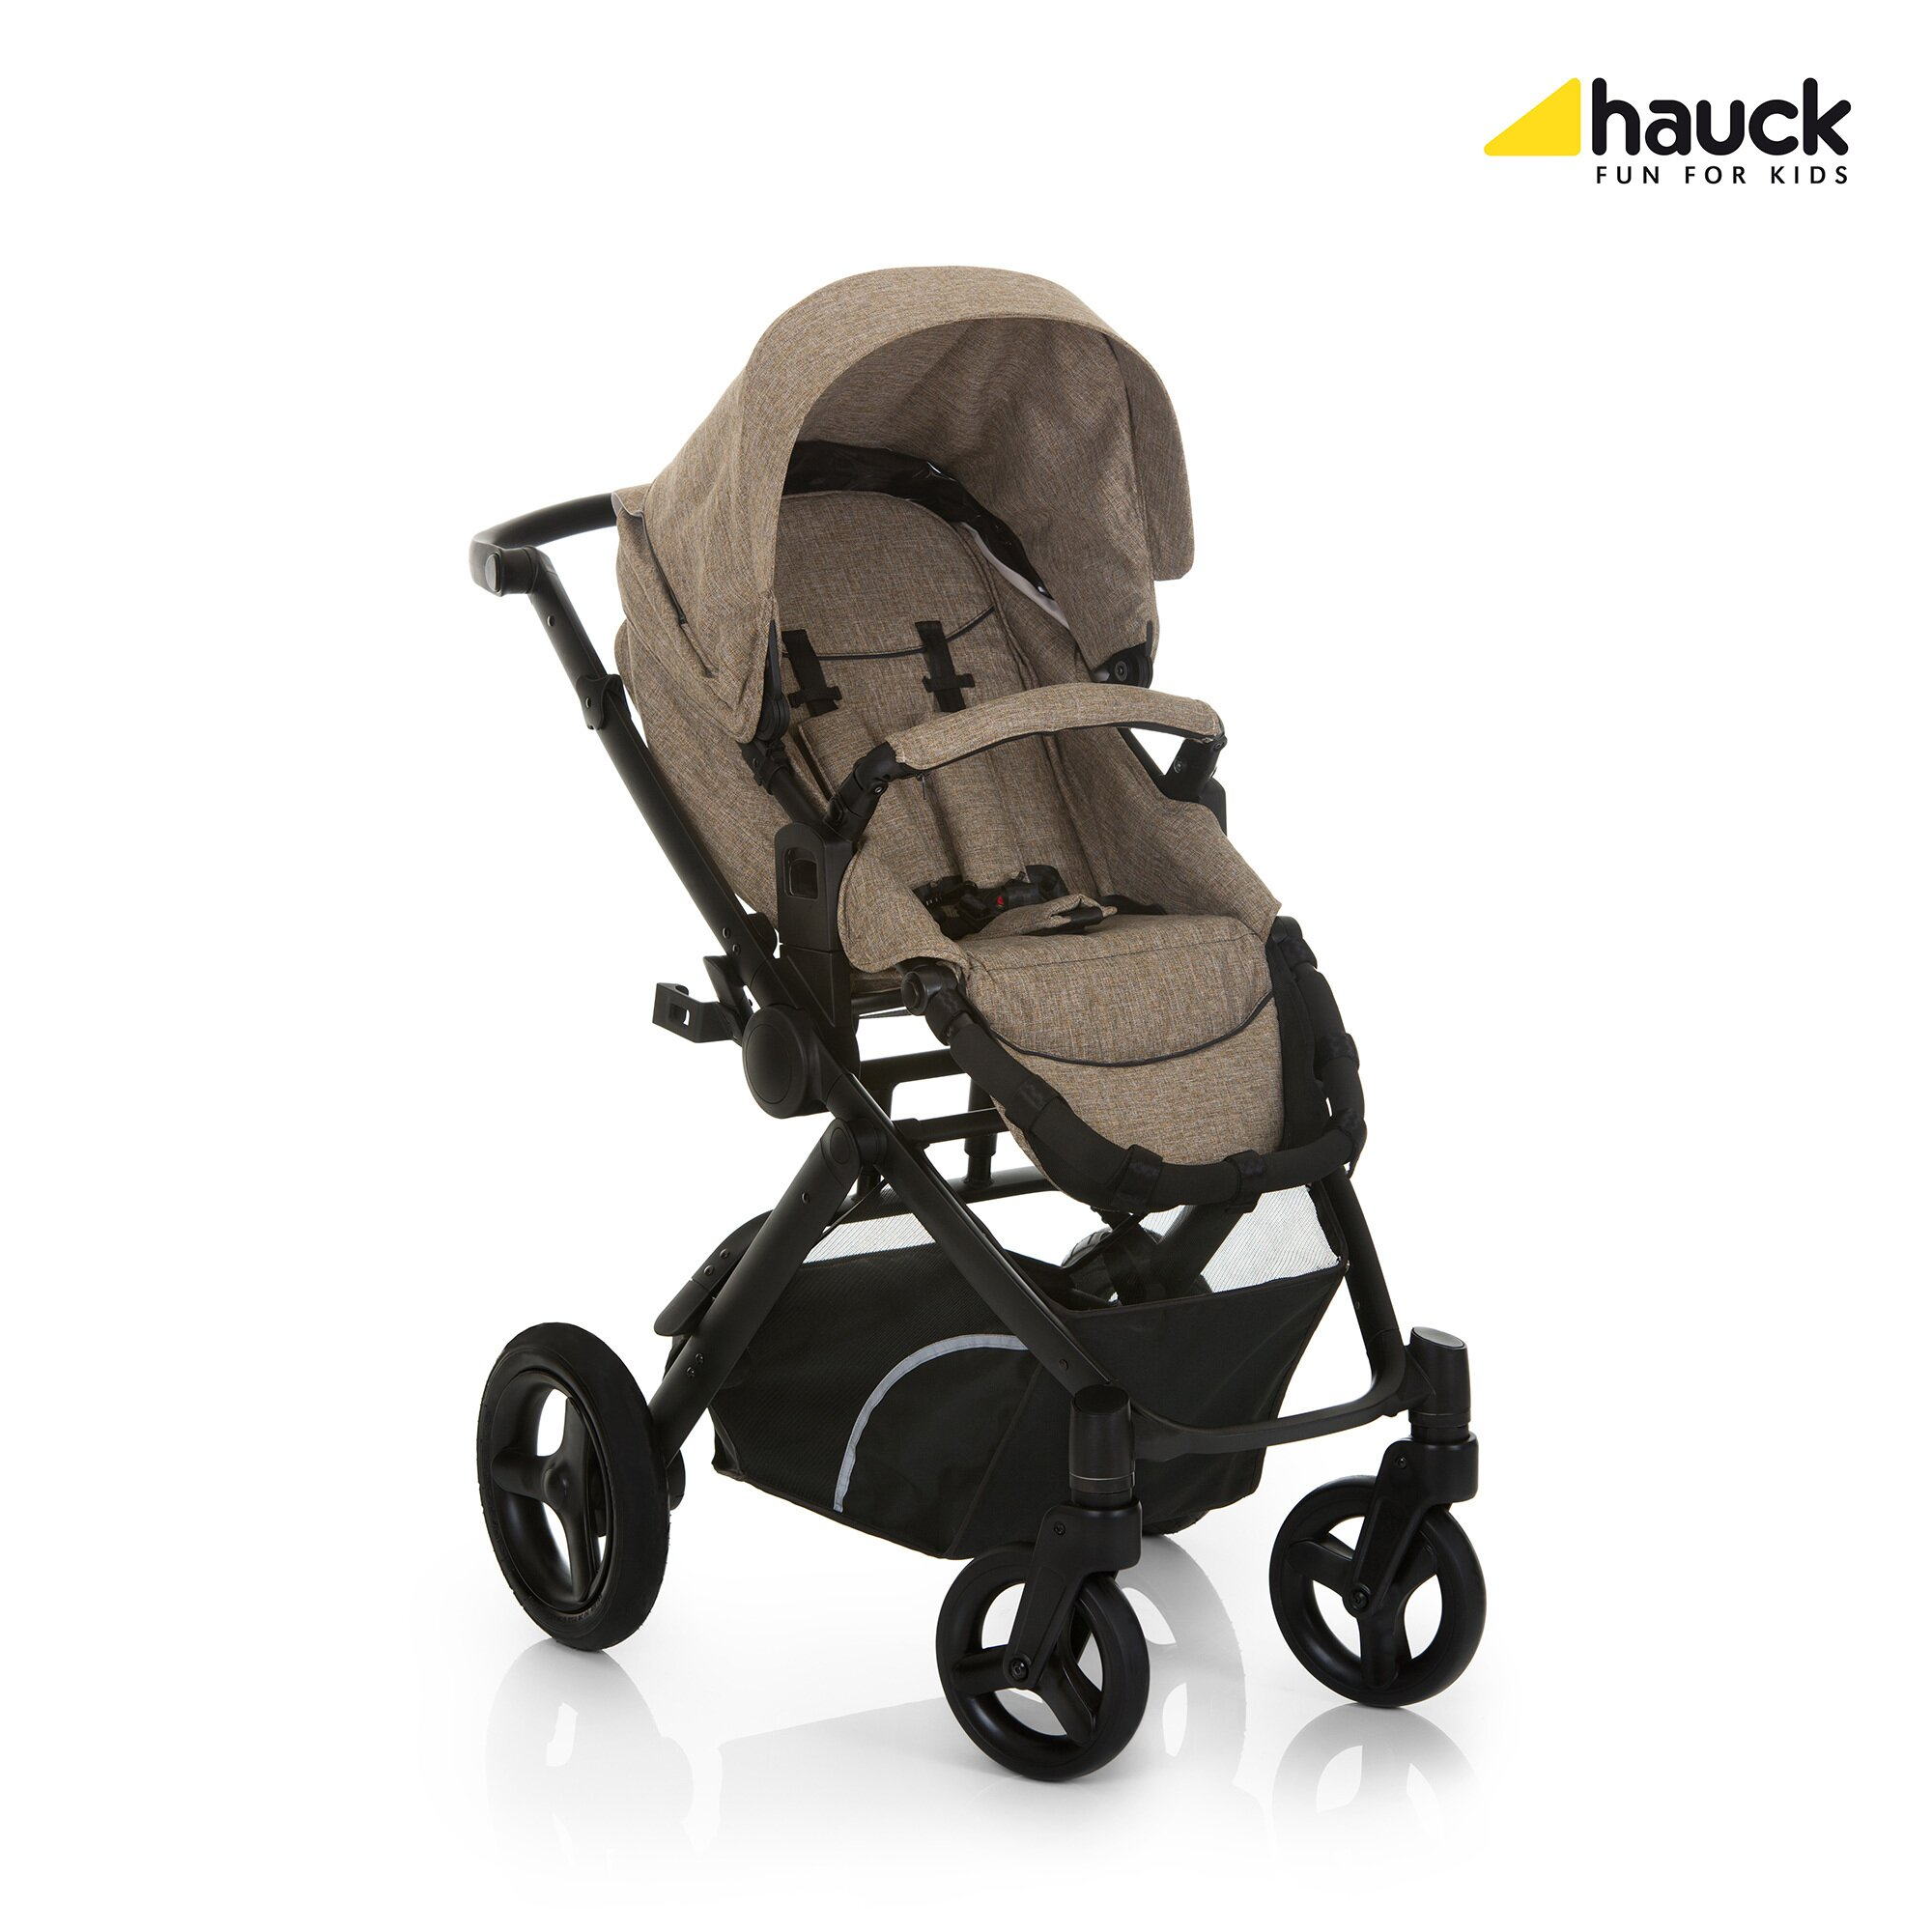 hauck-maxan-4-kombikinderwagen-trio-set-design-2016-beige